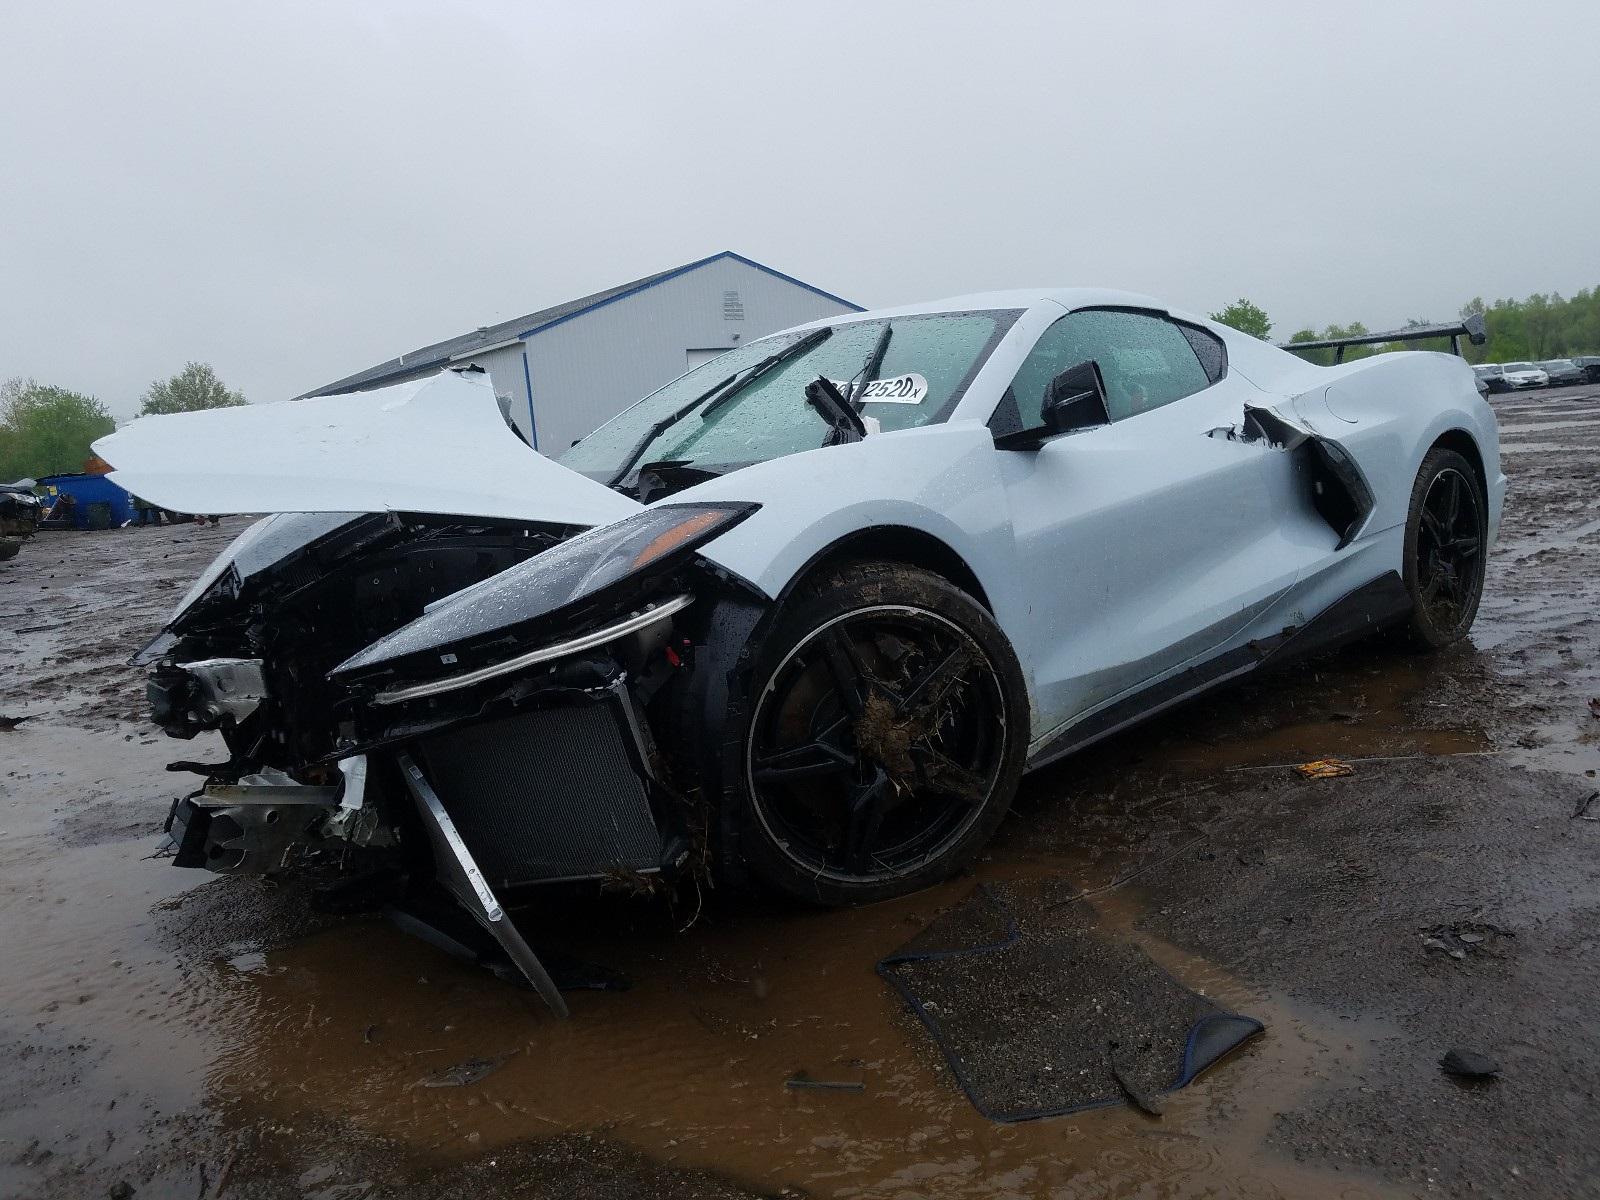 Kì lạ chiếc Corvette rách bươm sau tai nạn được rao bán đắt hơn xe mới - 2